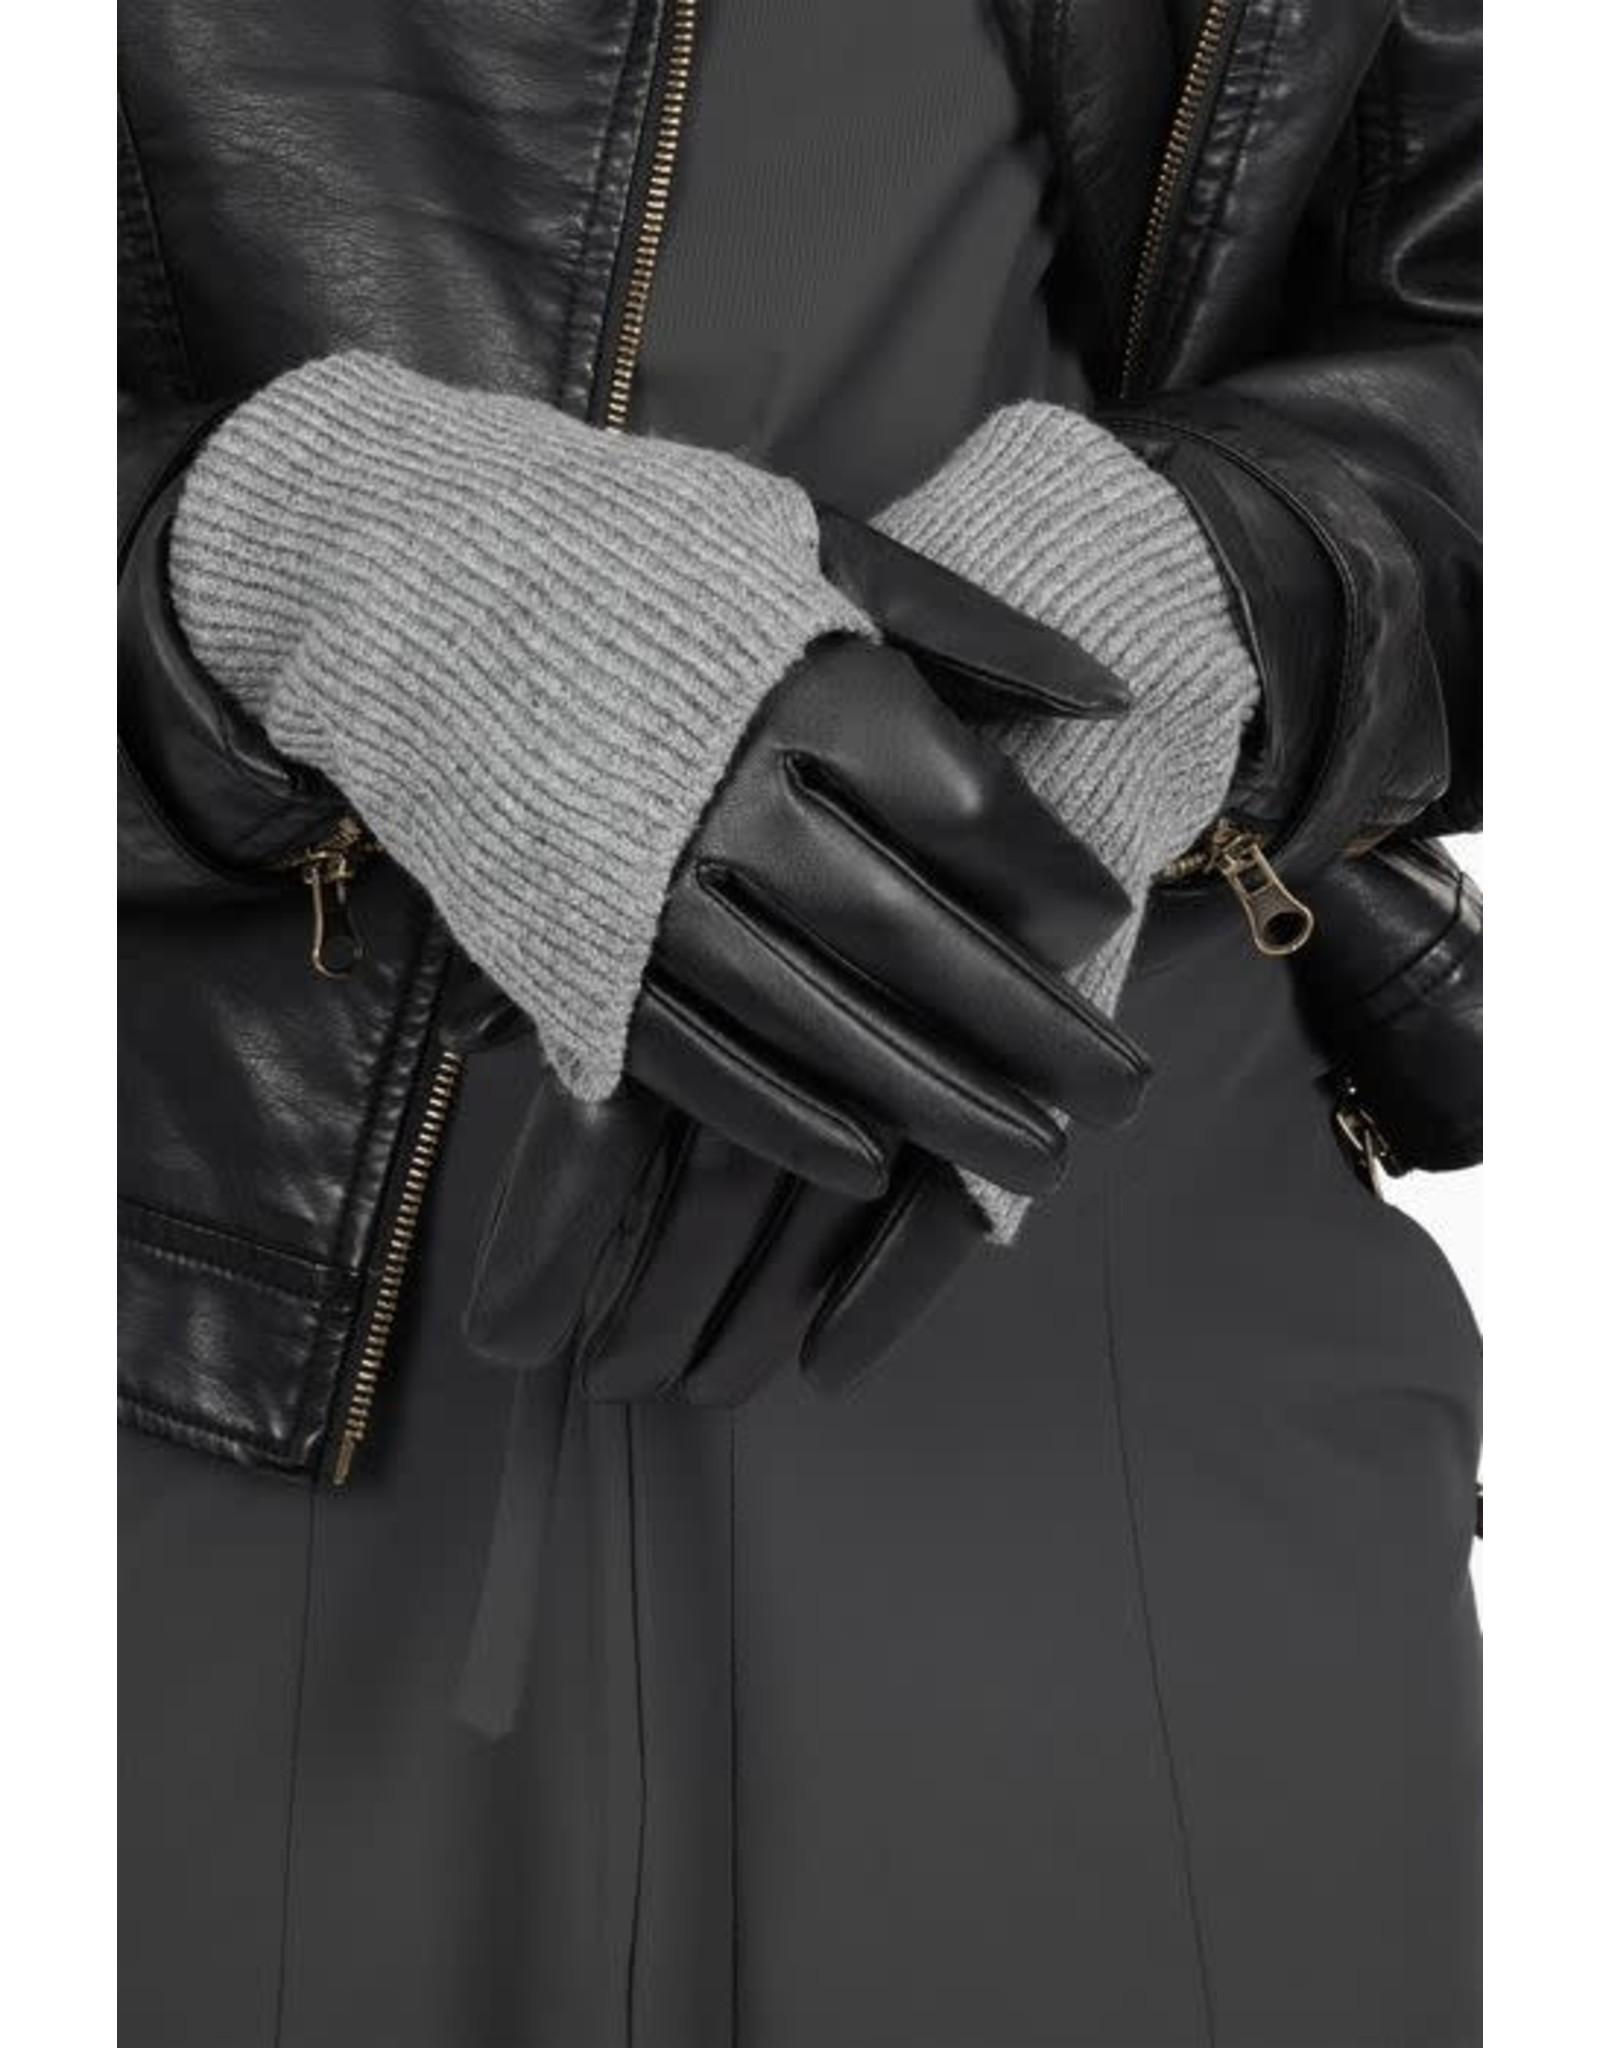 Zusss Zusss Stoere handschoenen zwart/mist